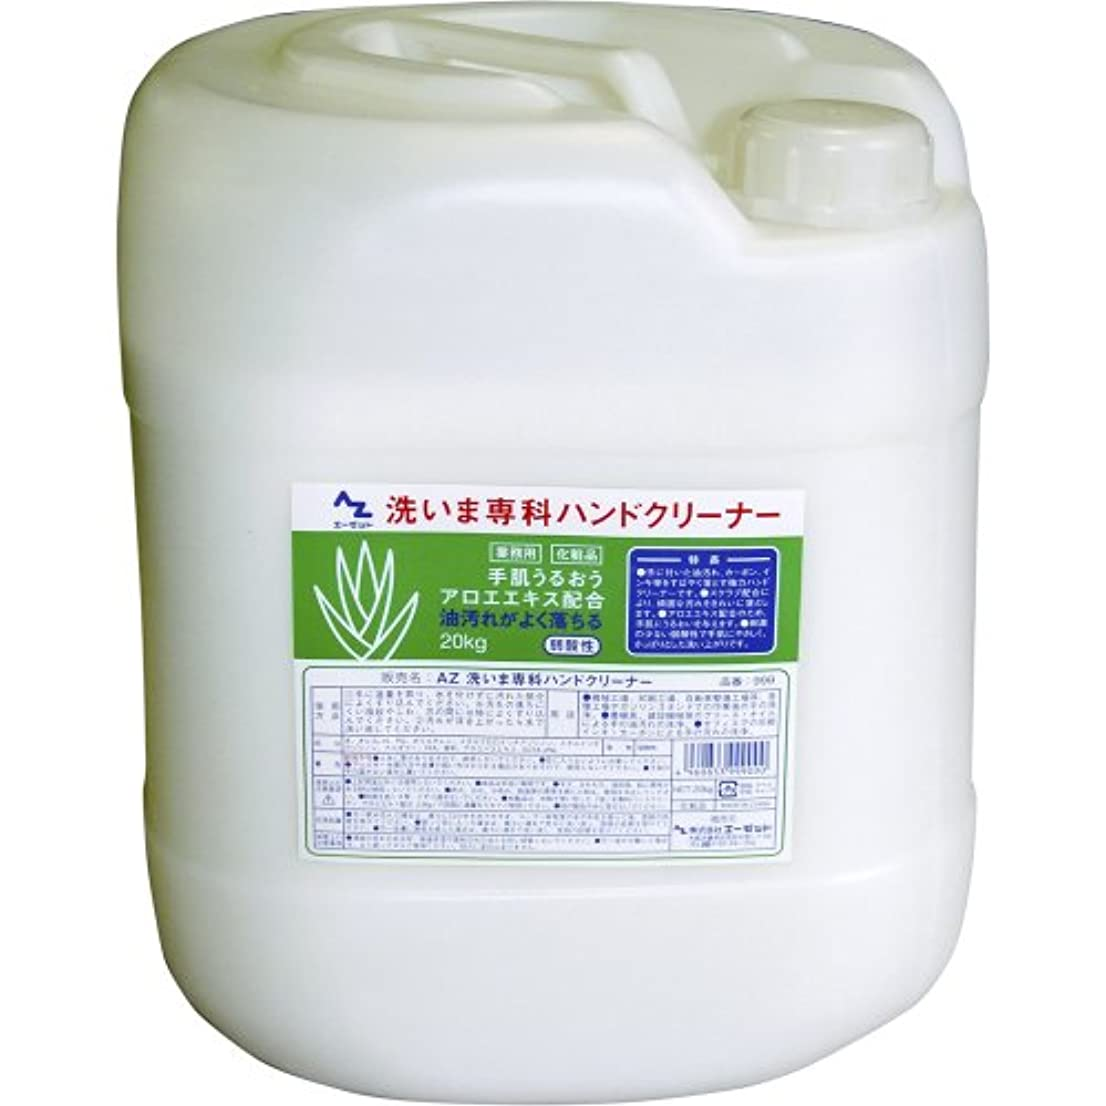 空気溶けた人工的なAZ(エーゼット) ハンドクリーナー 洗いま専科 20kg アロエ?スクラブ 配合 手肌に優しい〔手洗い洗剤〕(999)